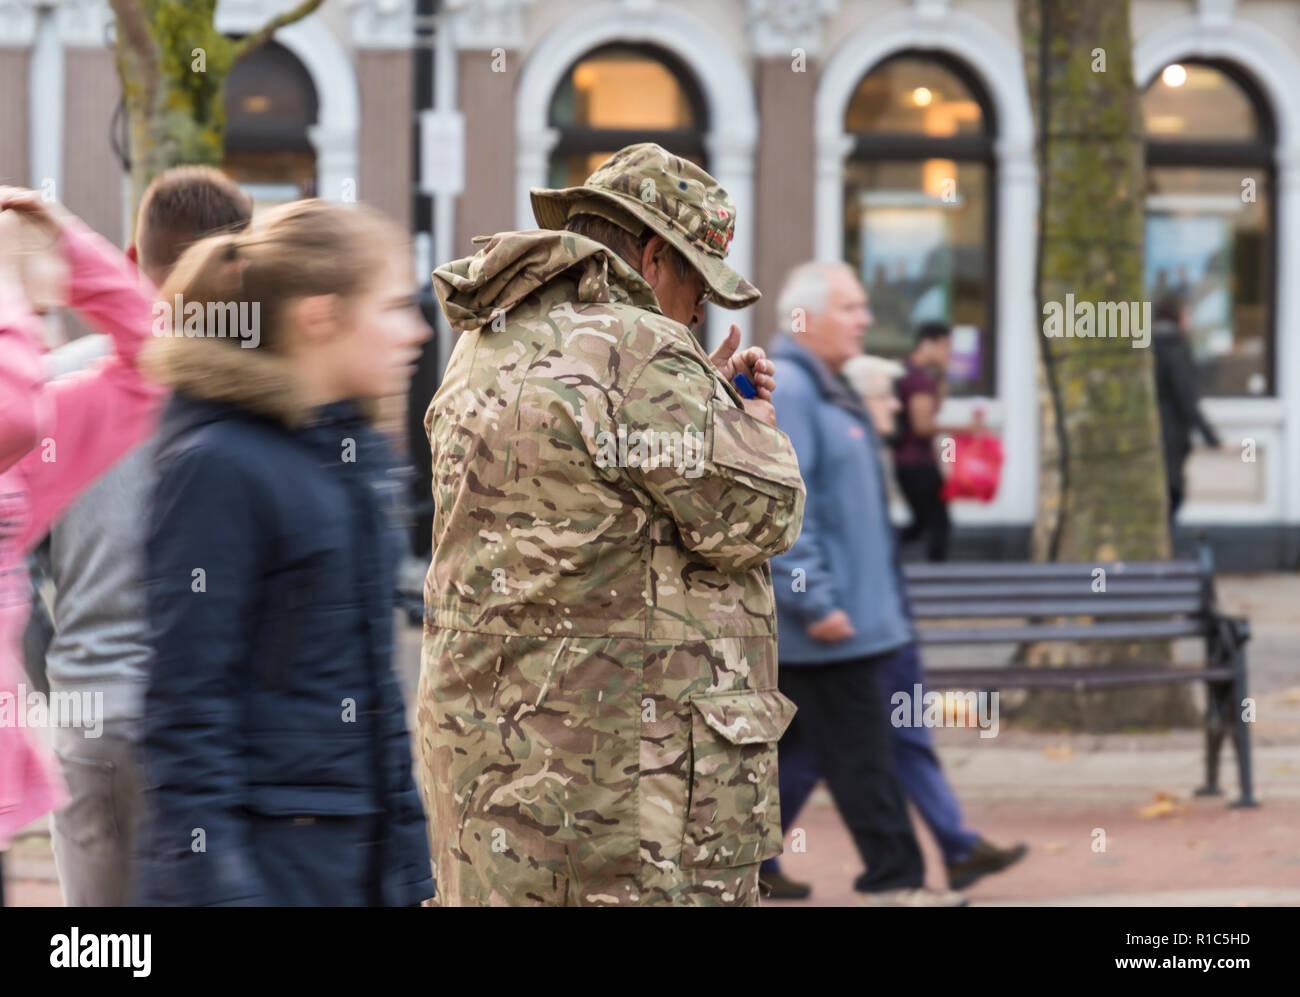 Homme d'âge moyen en uniforme militaire sur une rue publique allumer une cigarette, au Royaume-Uni. Le tabagisme passif. Photo Stock